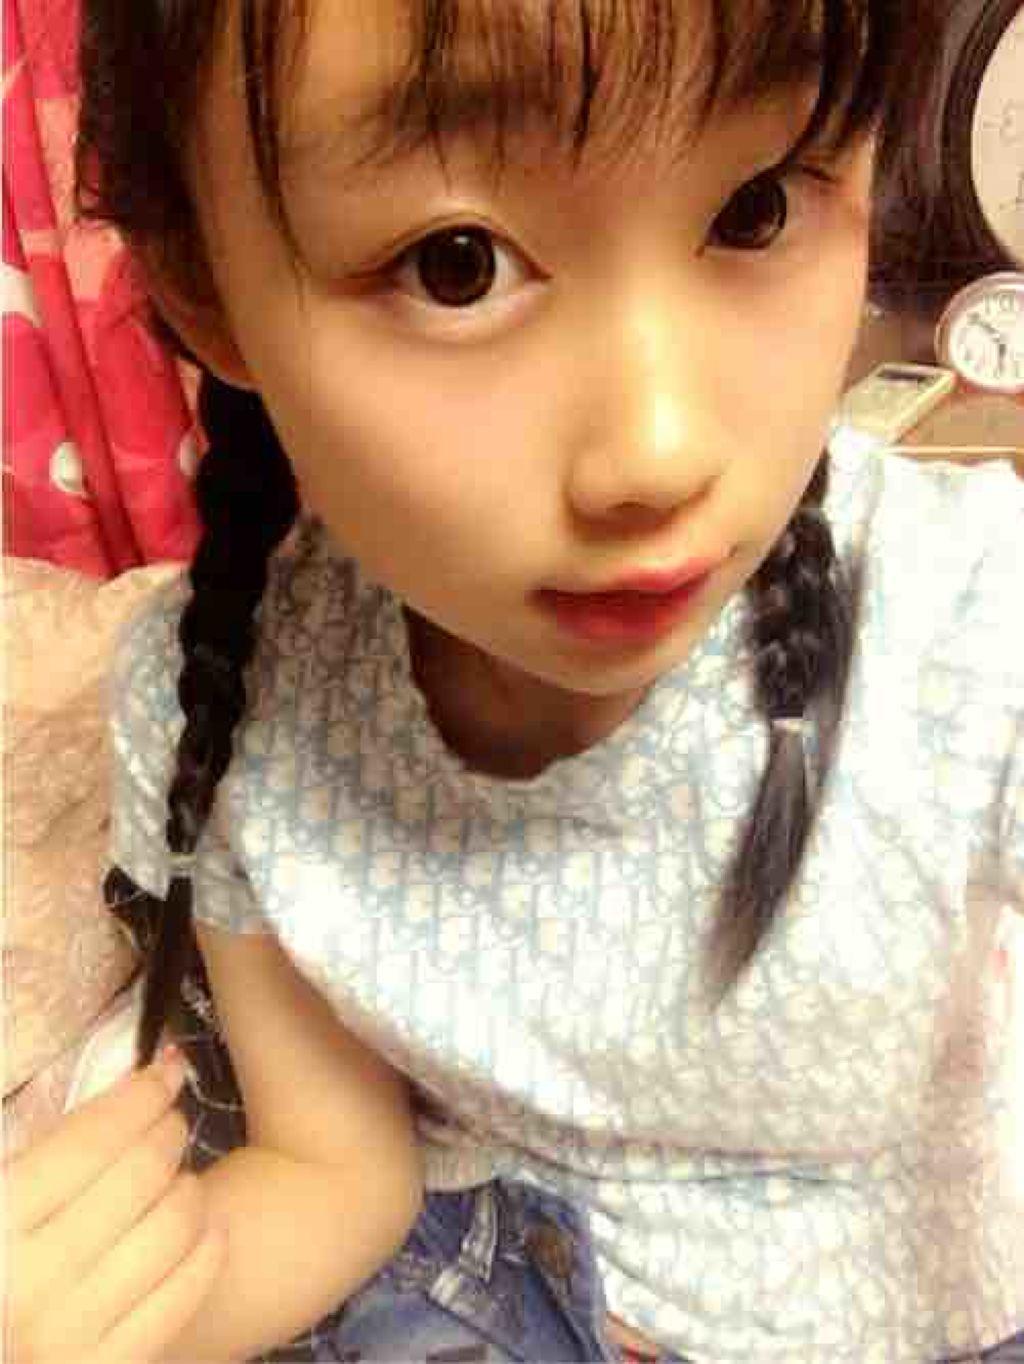 minmin_8686